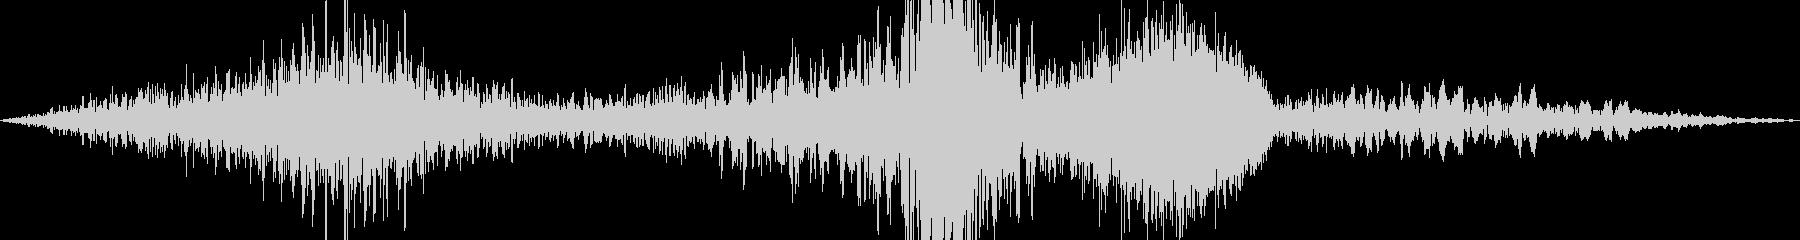 「ヒュー ヒュルヒュル ヒューン」の未再生の波形